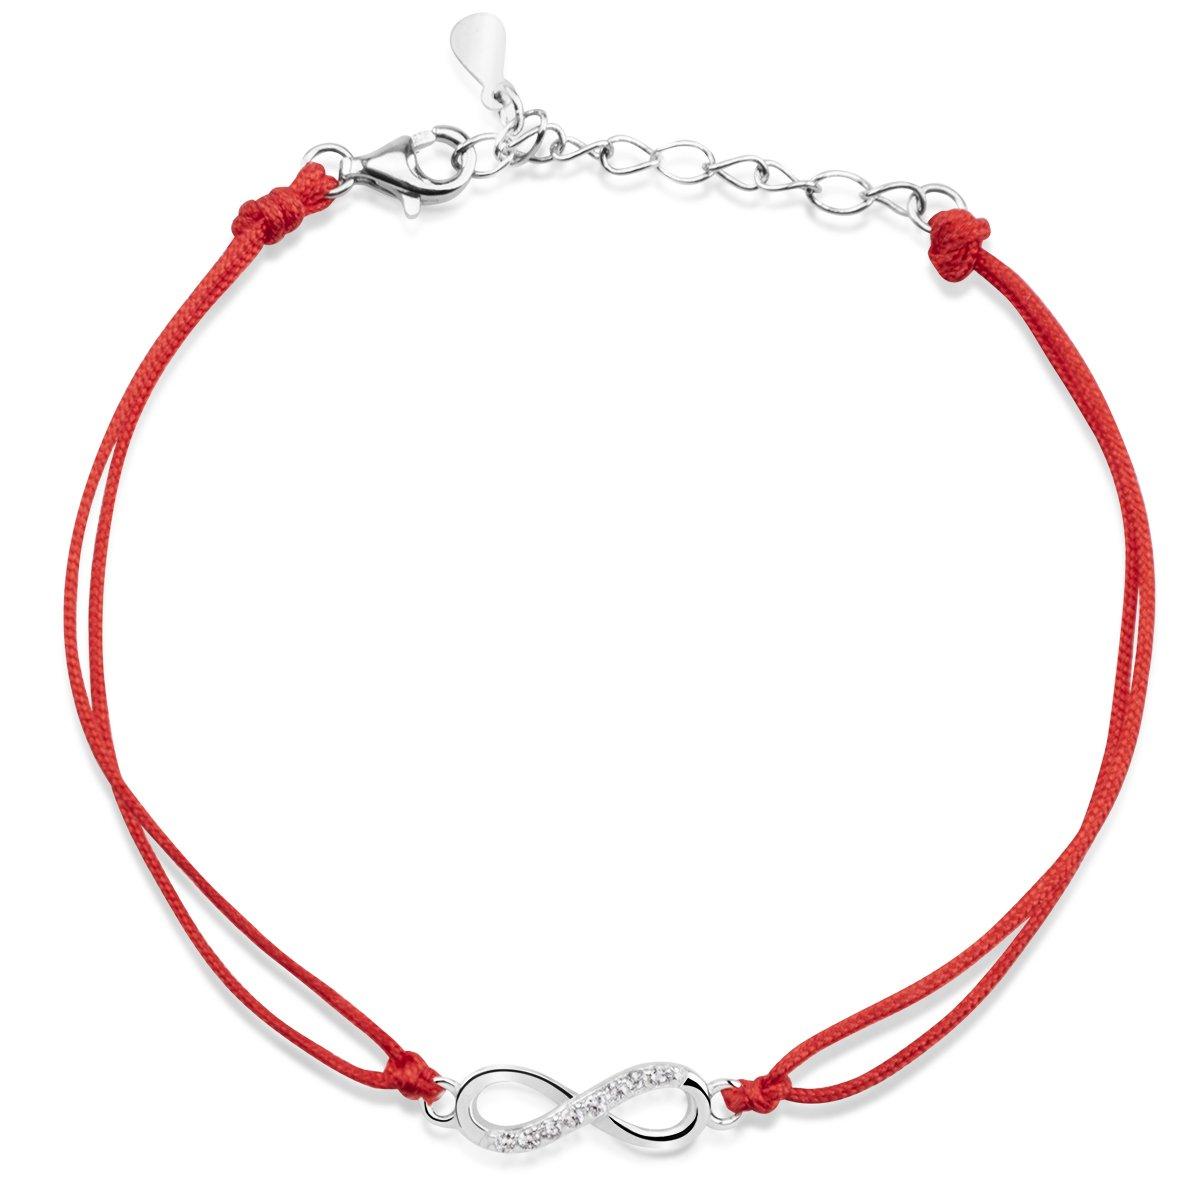 Bransoletka nieskończoność z cyrkoniami na czerwonym sznurku Srebro 925 Dedykacja